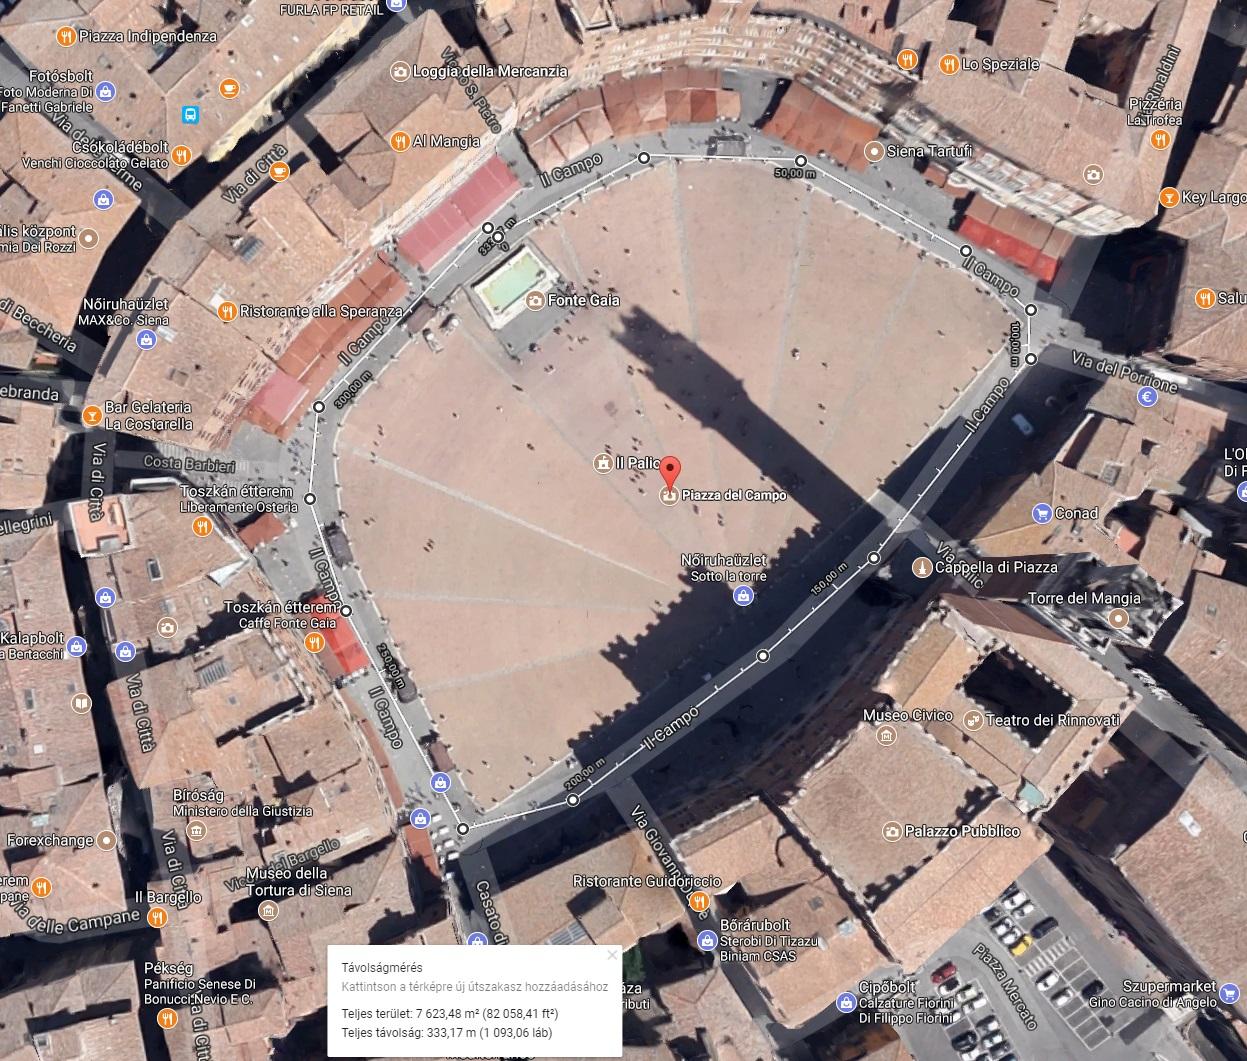 siena-piazza.jpg